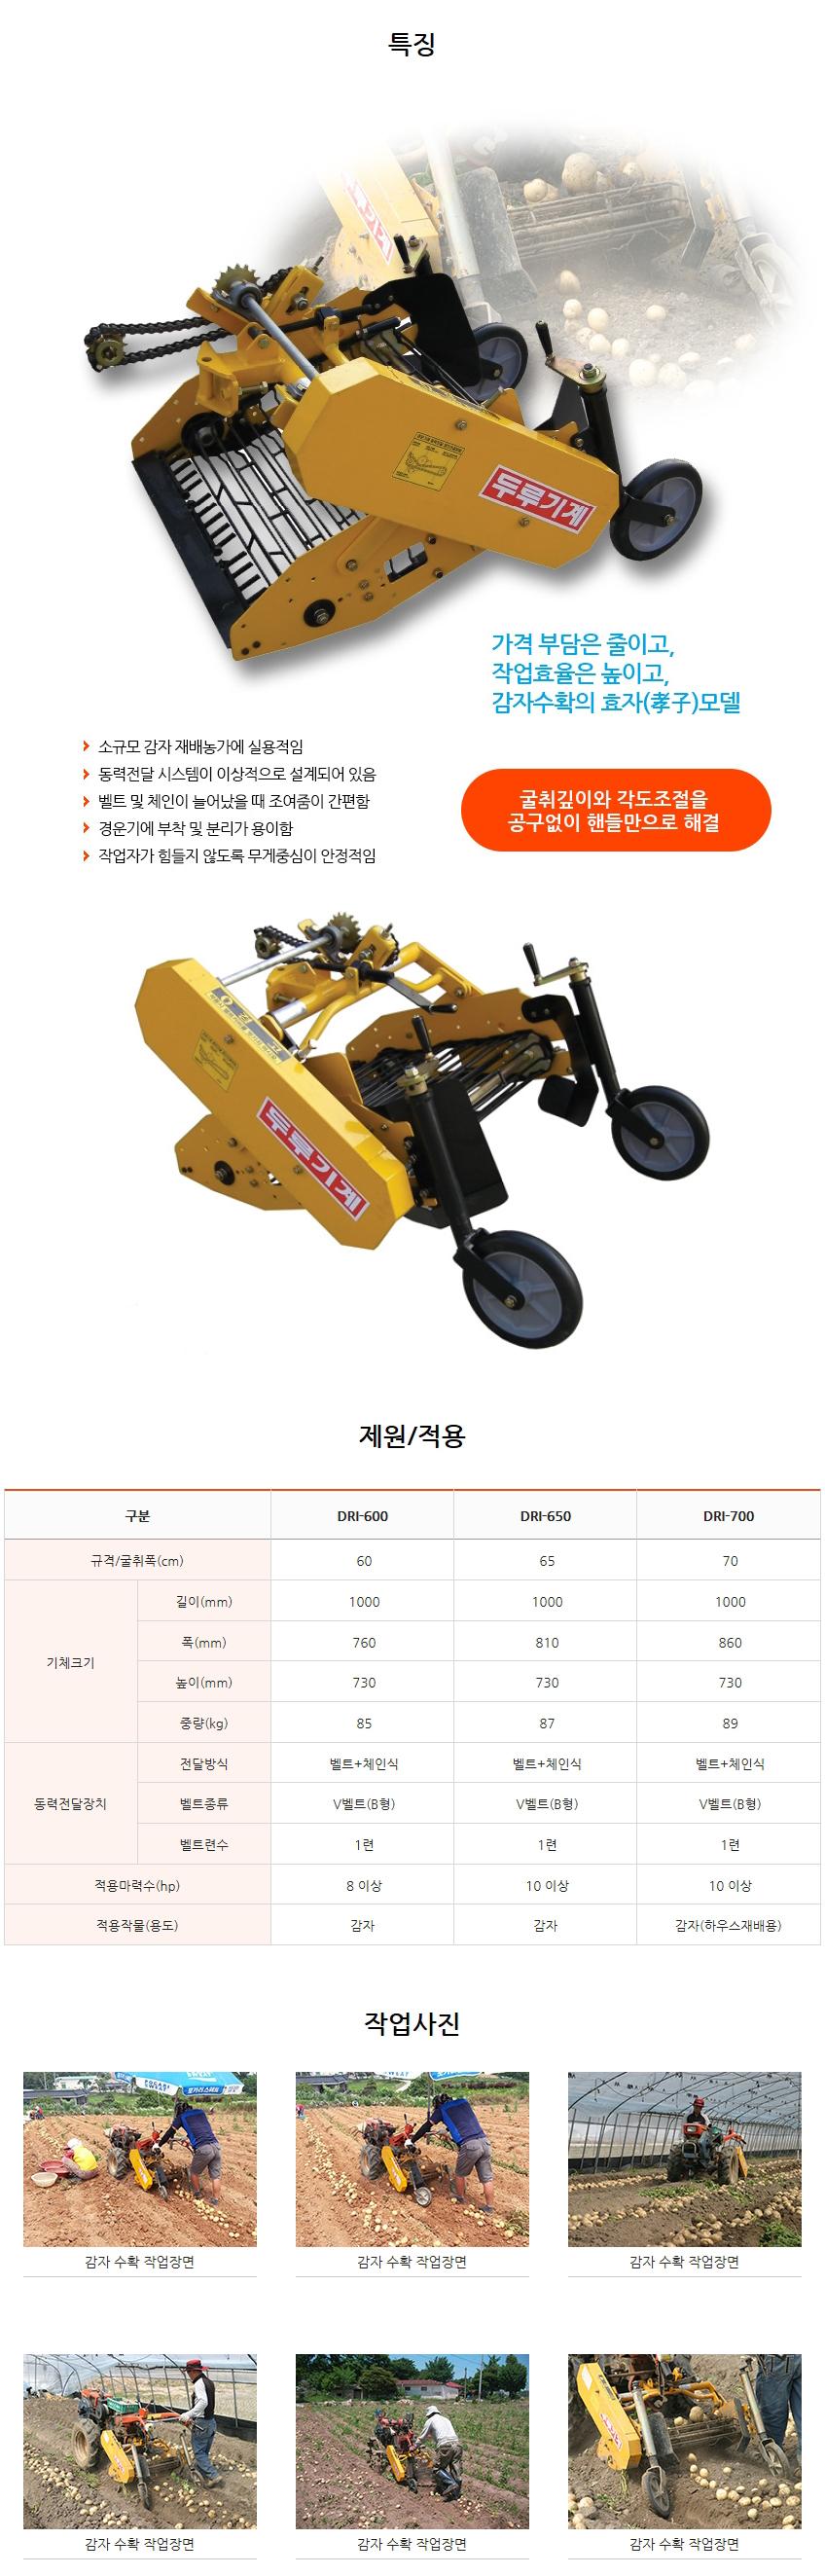 두루기계 땅속작물수확기 (경운기용/이송식) DRI Model